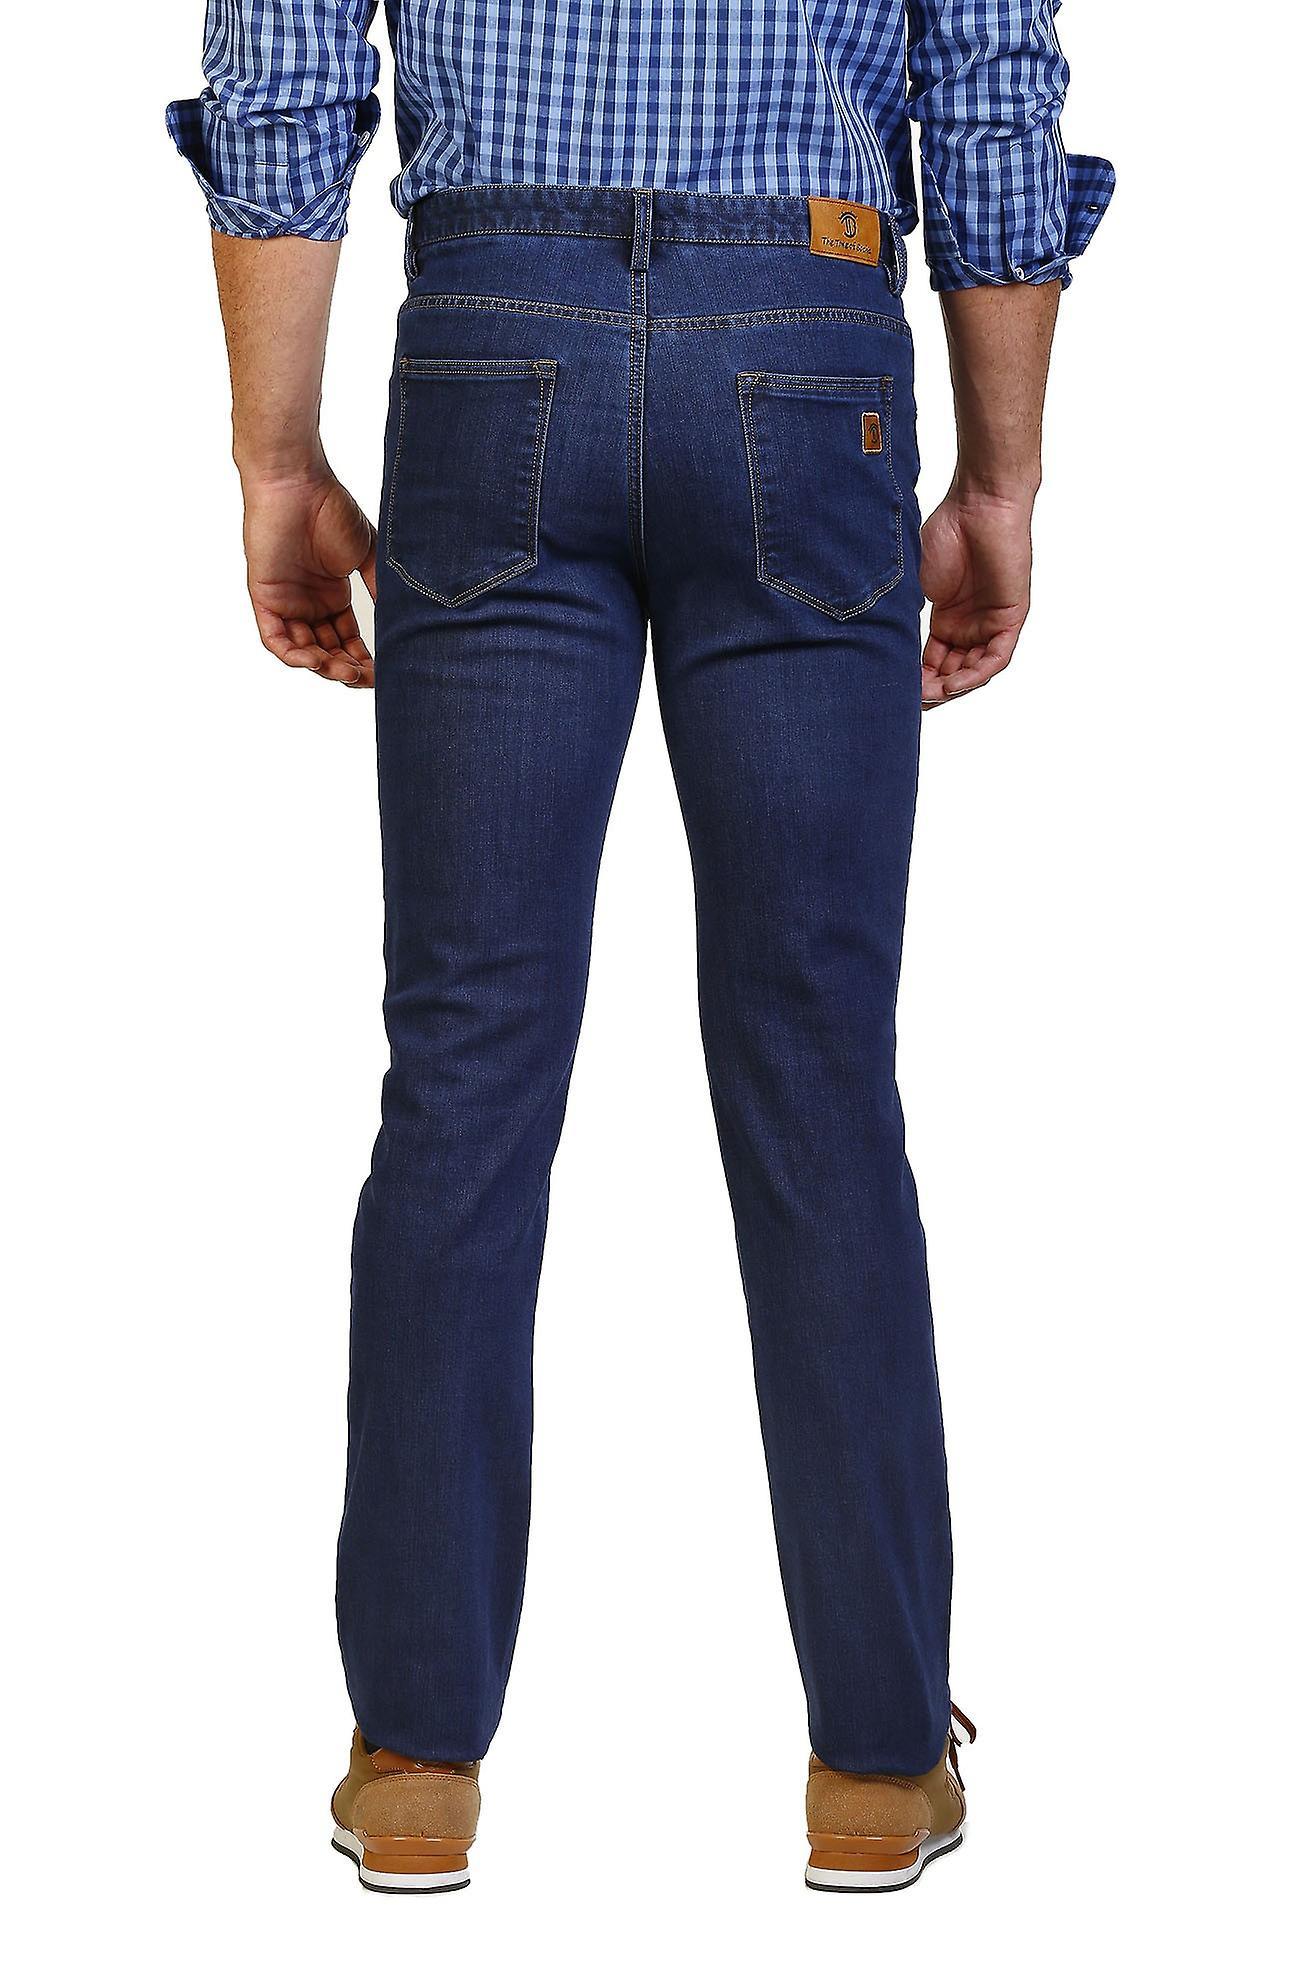 Pantalon Hombre The Time Of Bocha JI1PESTRIBO-Marino 716